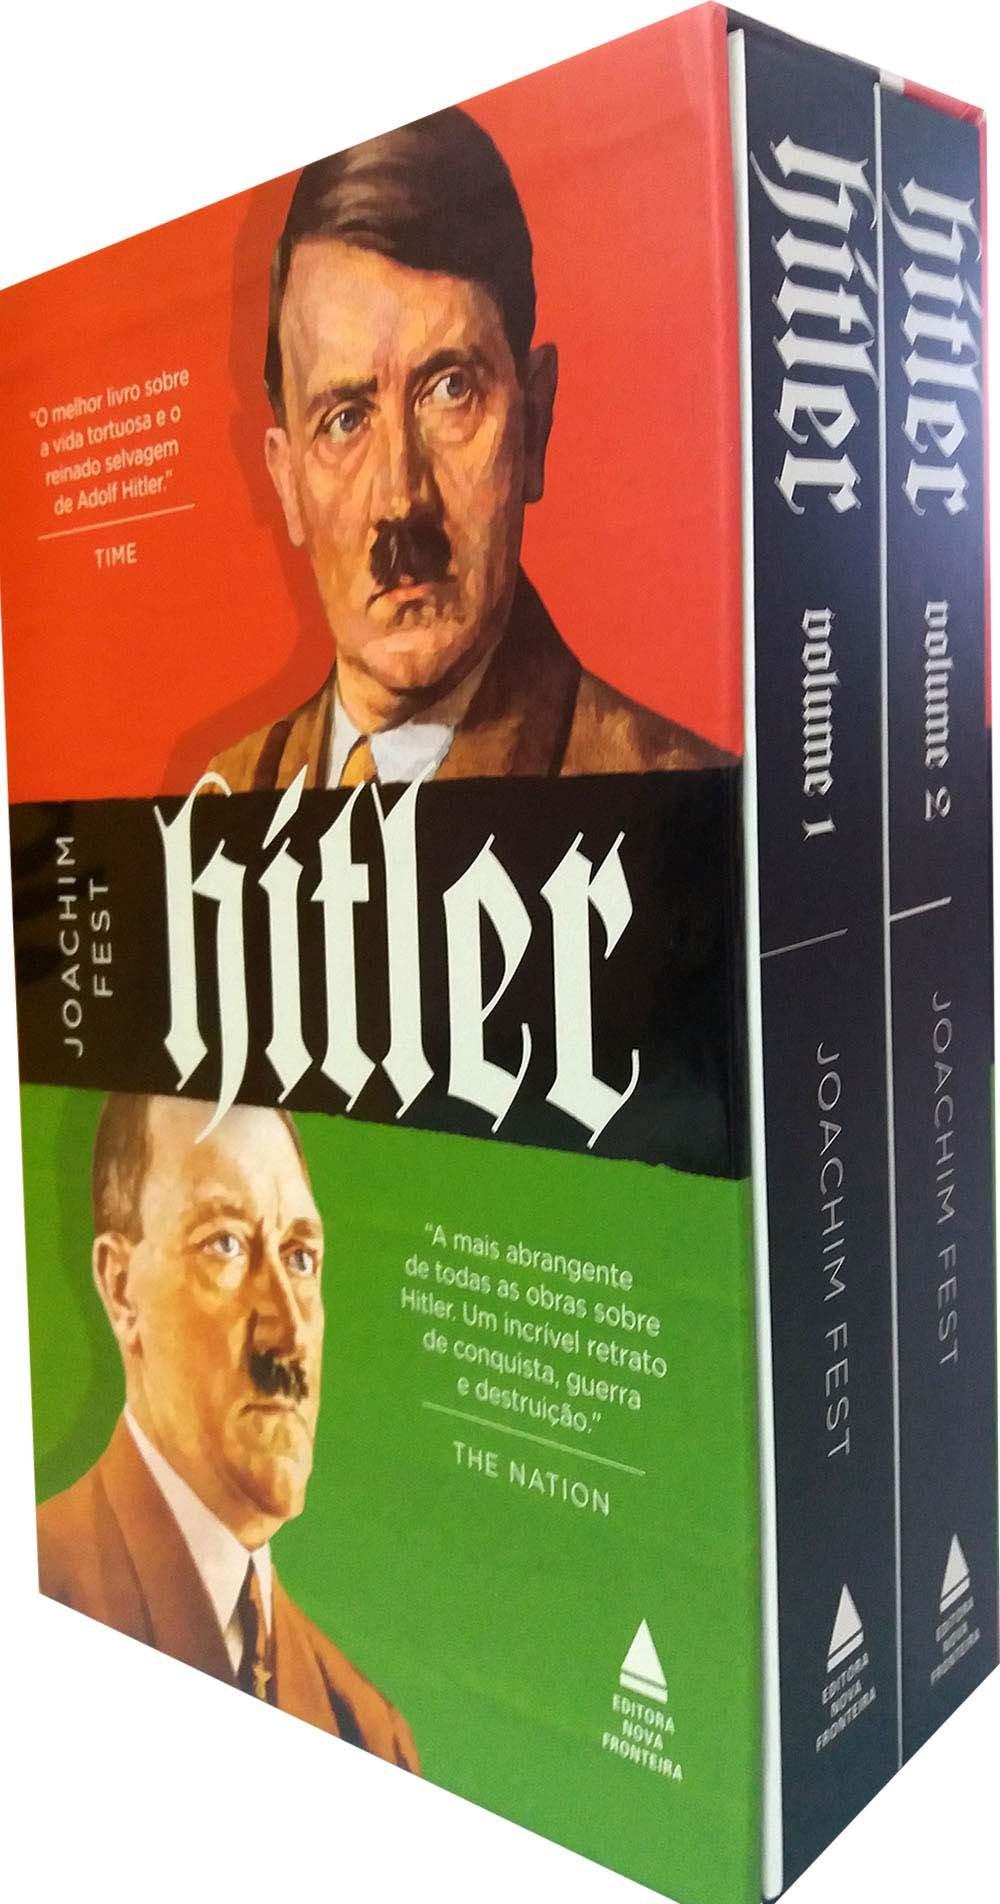 Livros sobre o nazismo